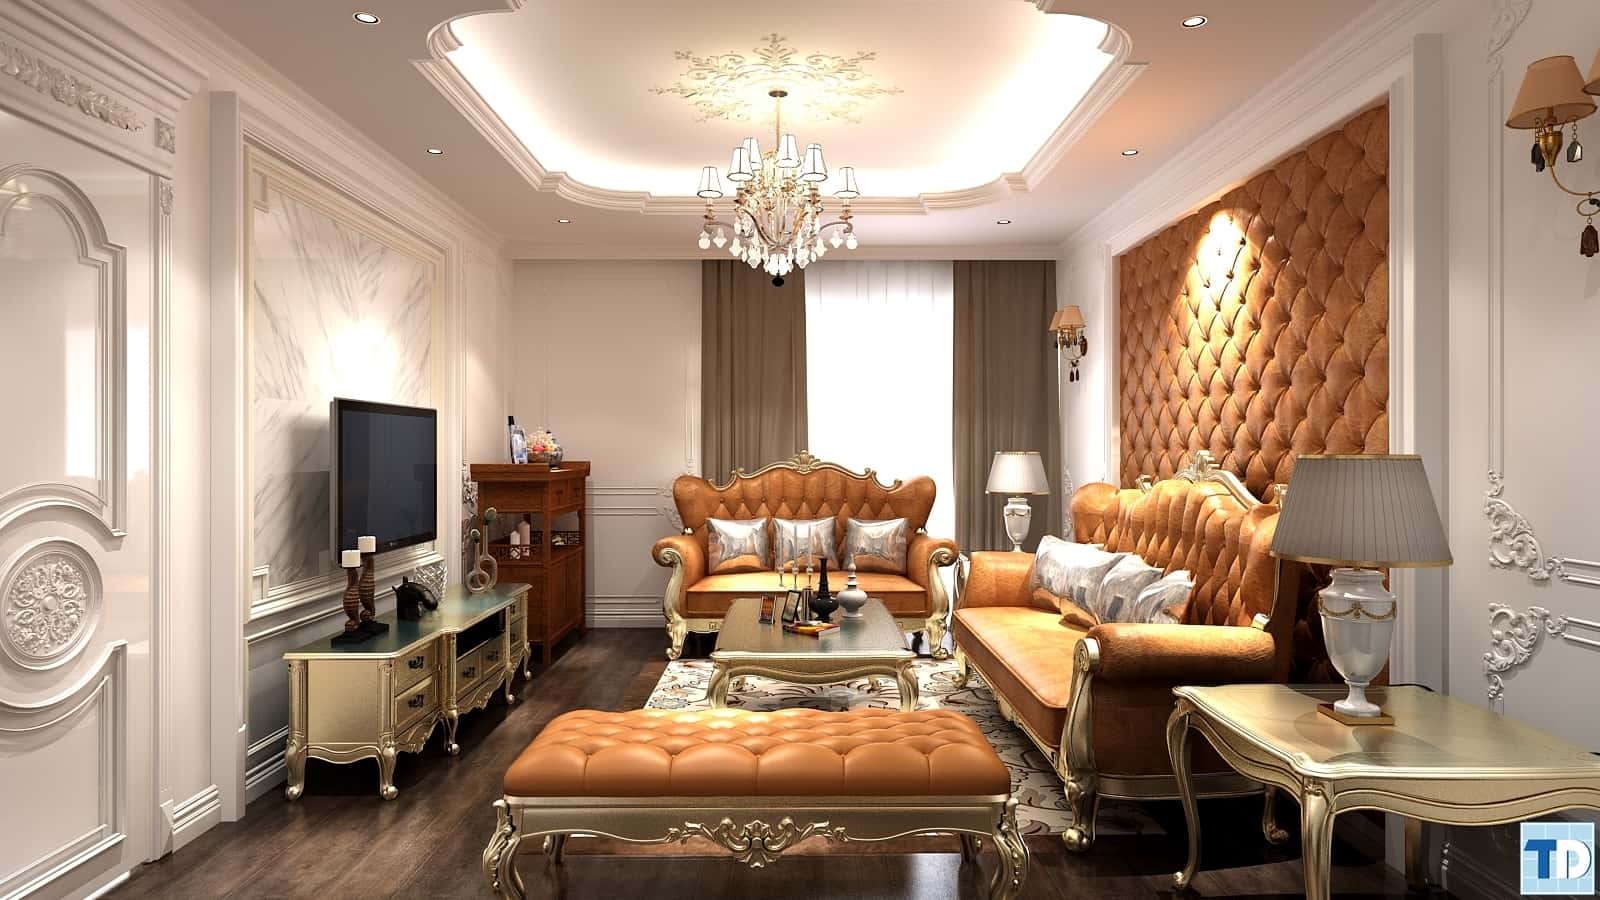 noi that phong khach tan co dien 6 - Thiết kế nội thất phòng khách tân cổ điển